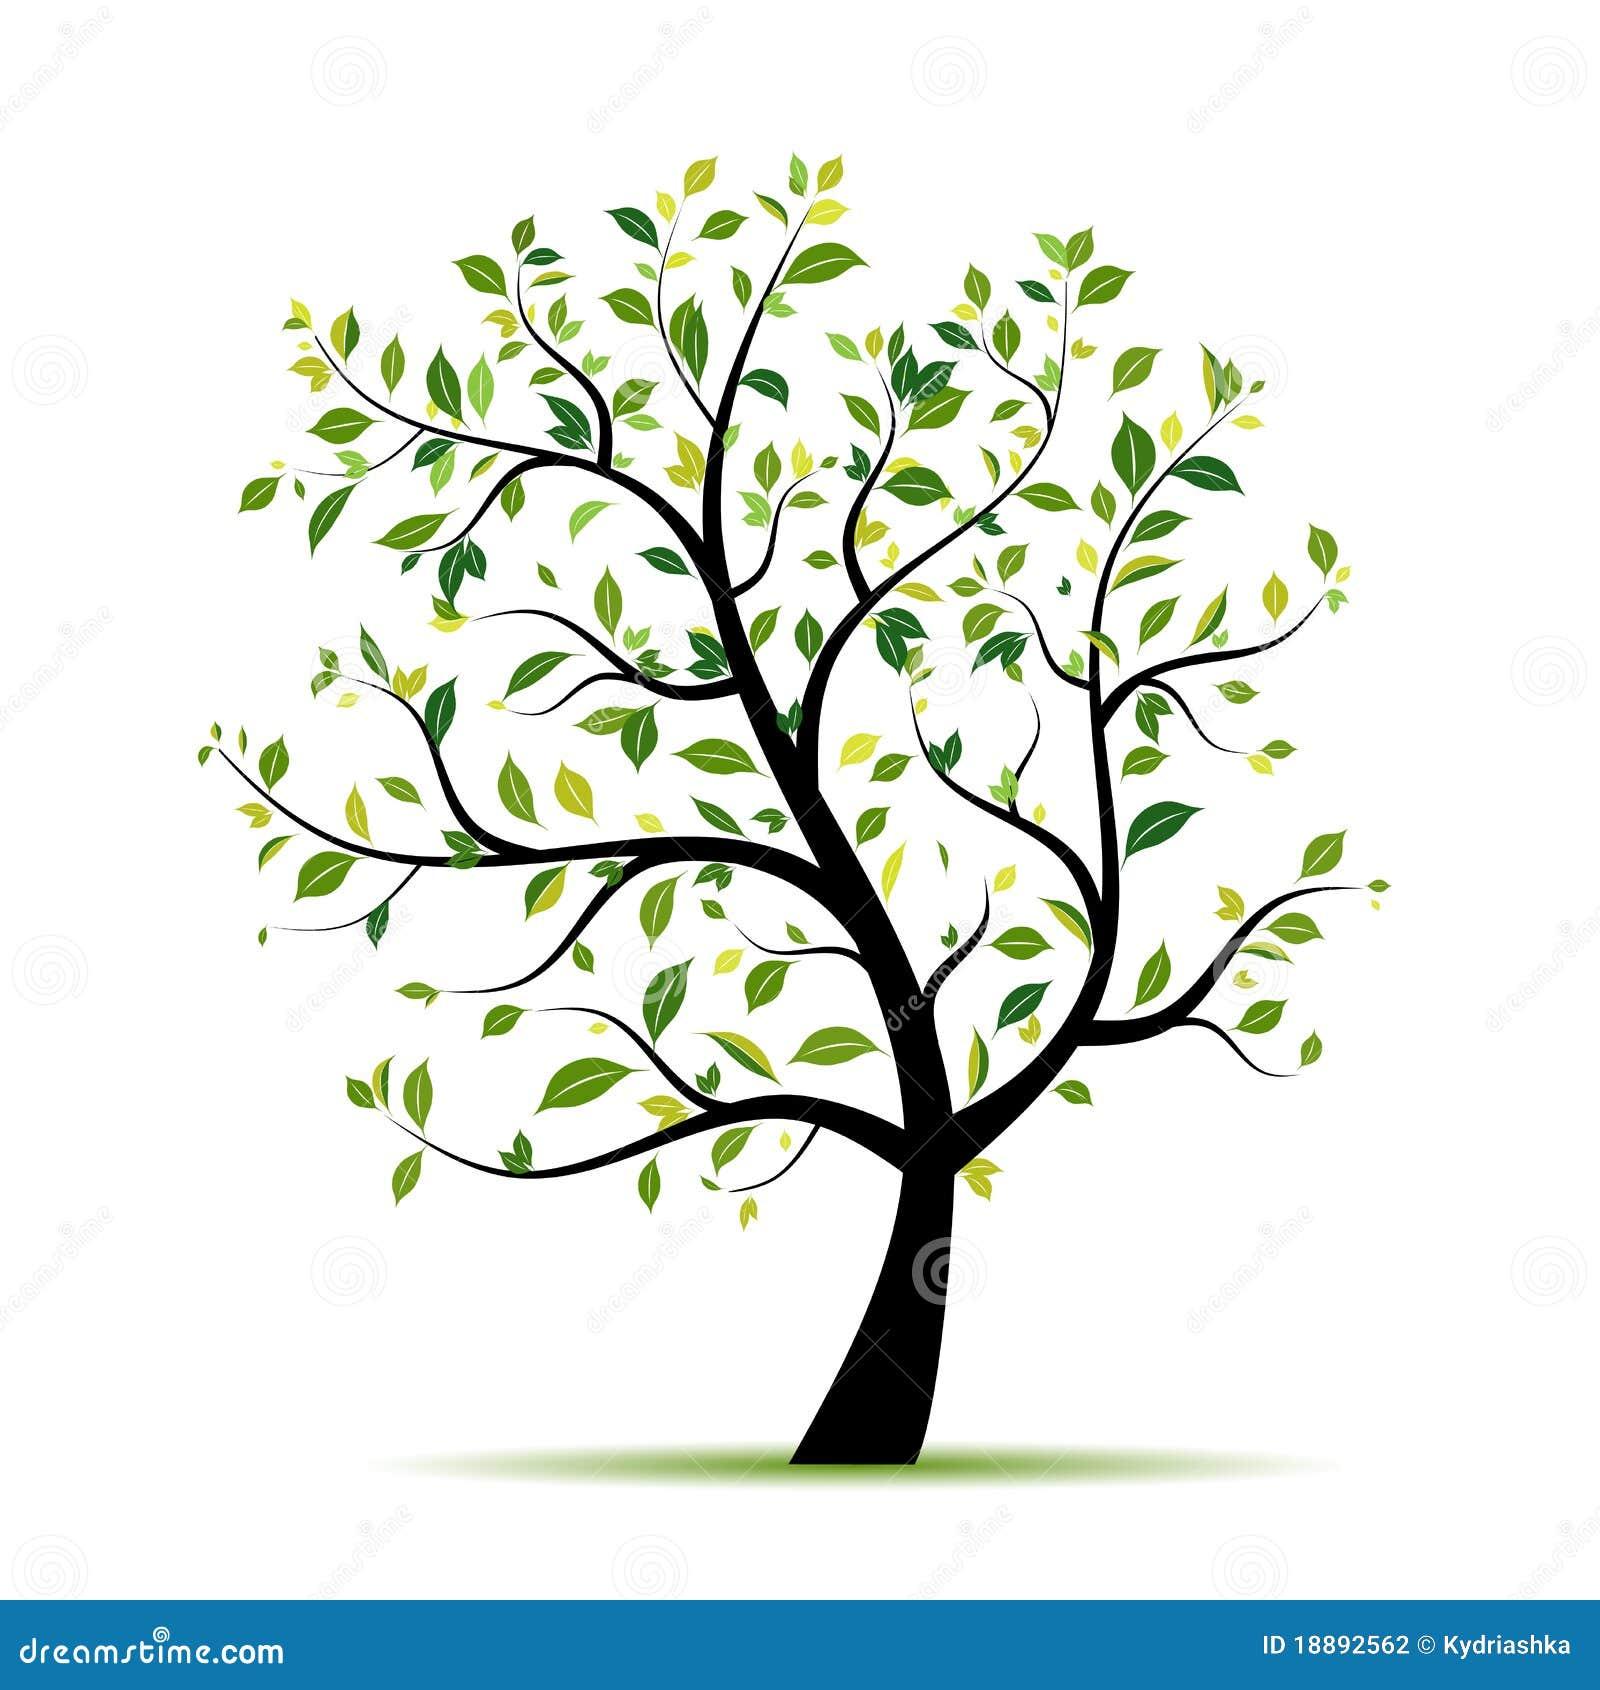 De boom van de lente groen voor uw ontwerp stock fotografie afbeelding 18892562 - Boom ontwerp ...